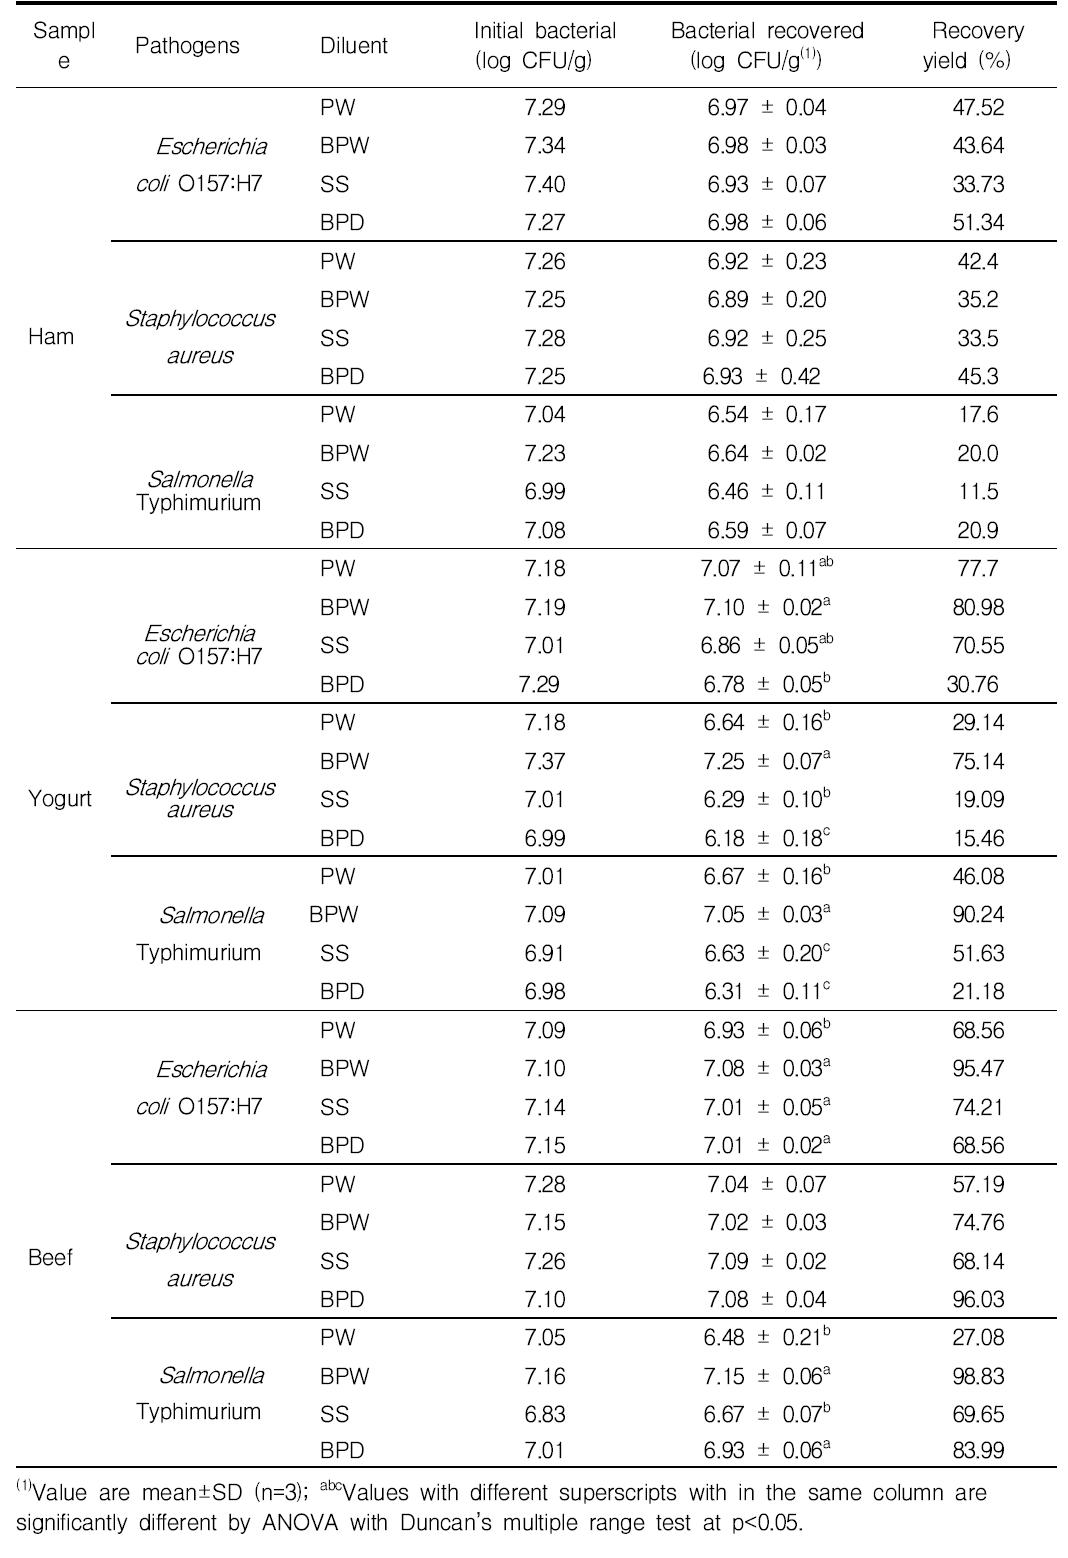 축산식품에서 전처리용액에 따른 식중독균 회수율